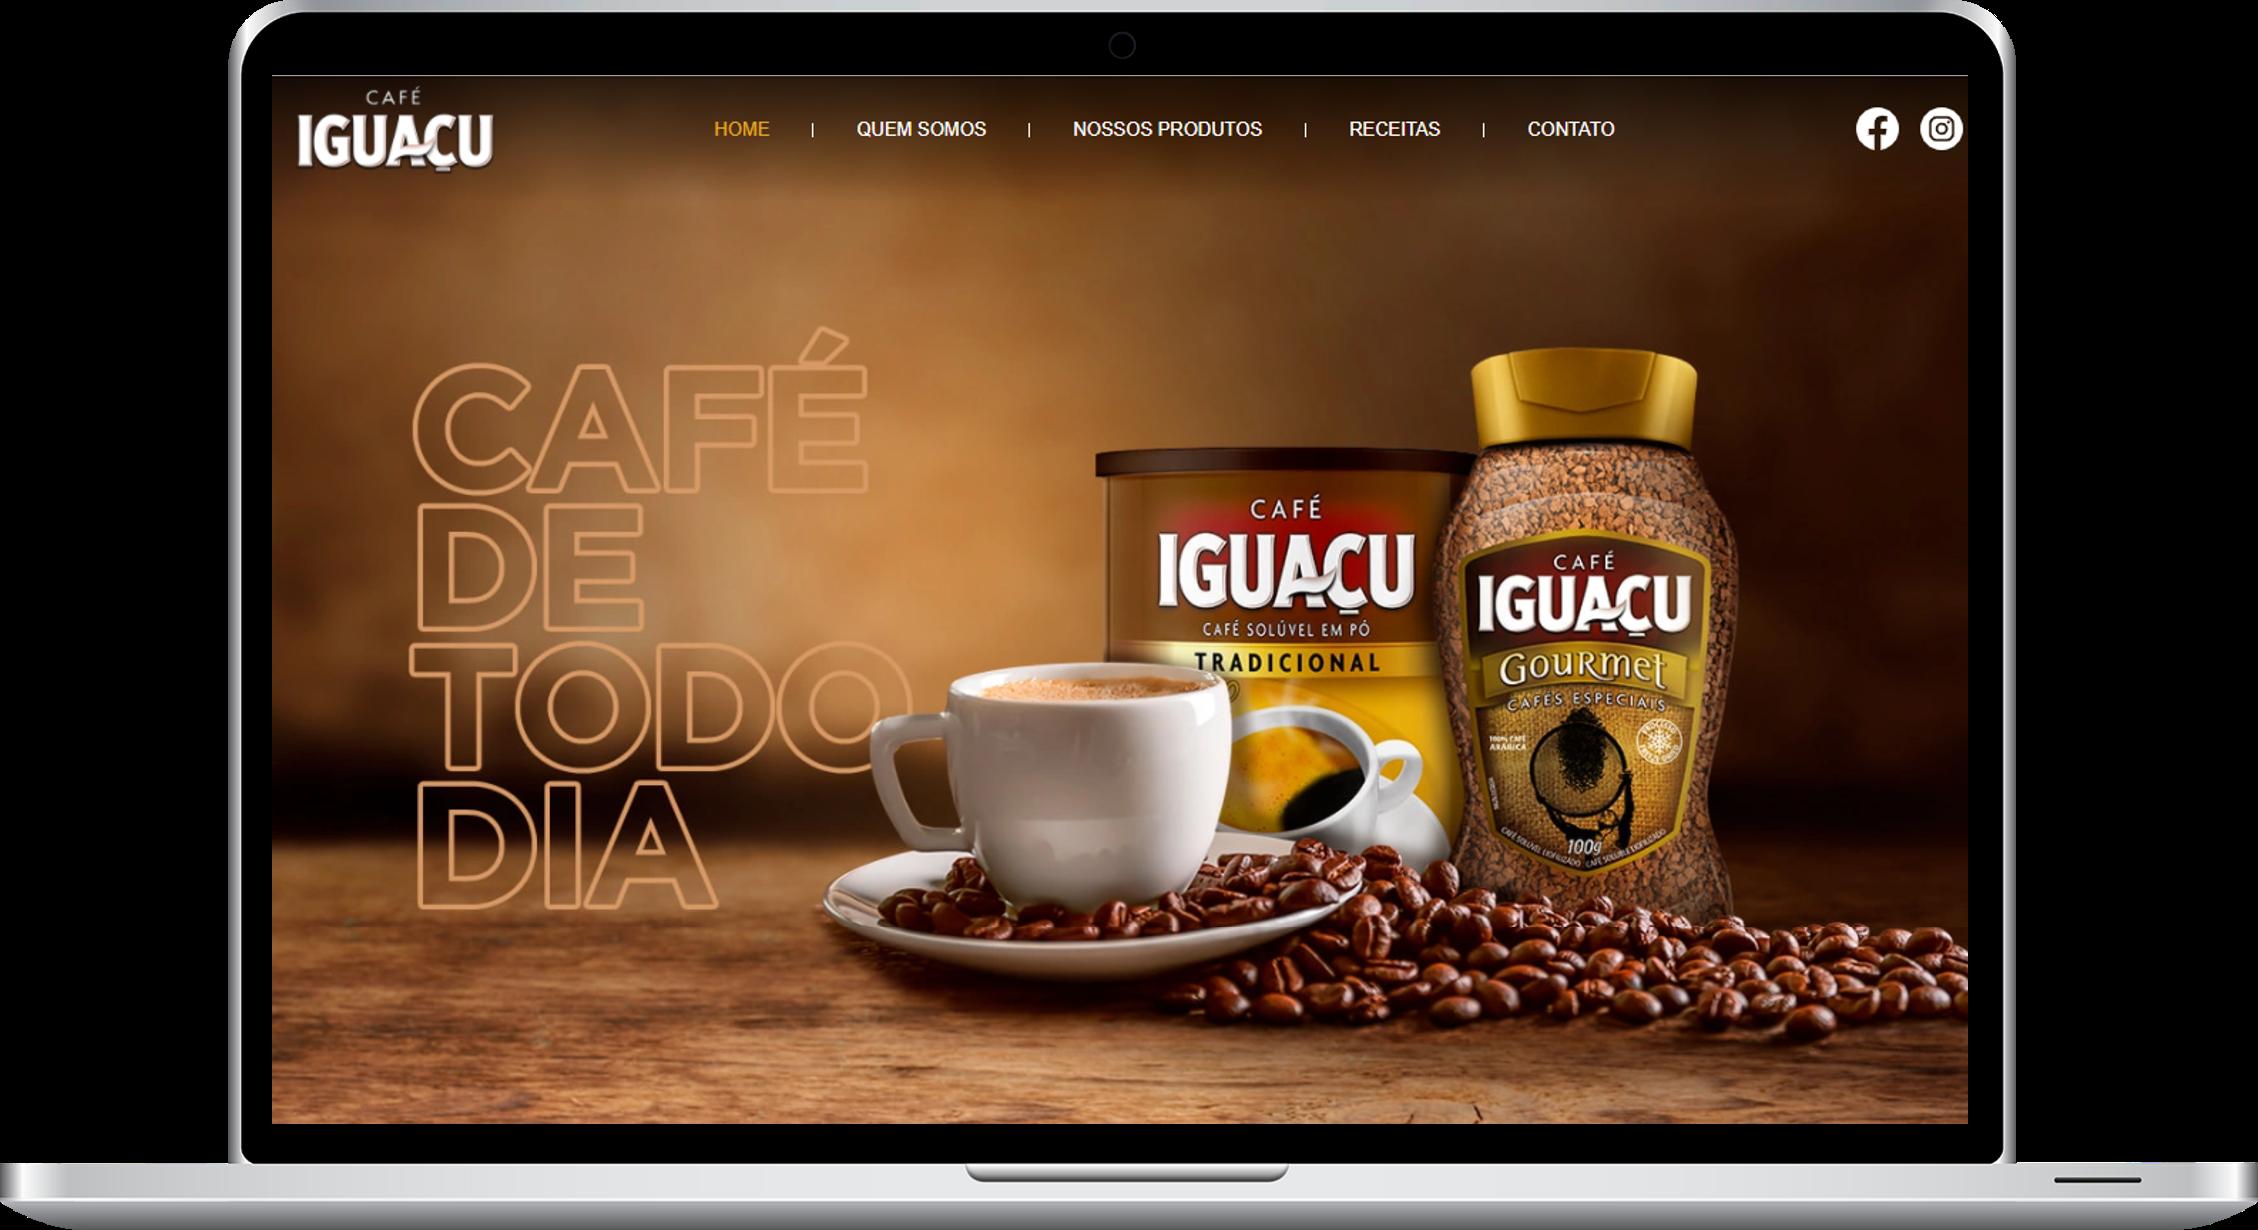 mockup-cafe-iguacu